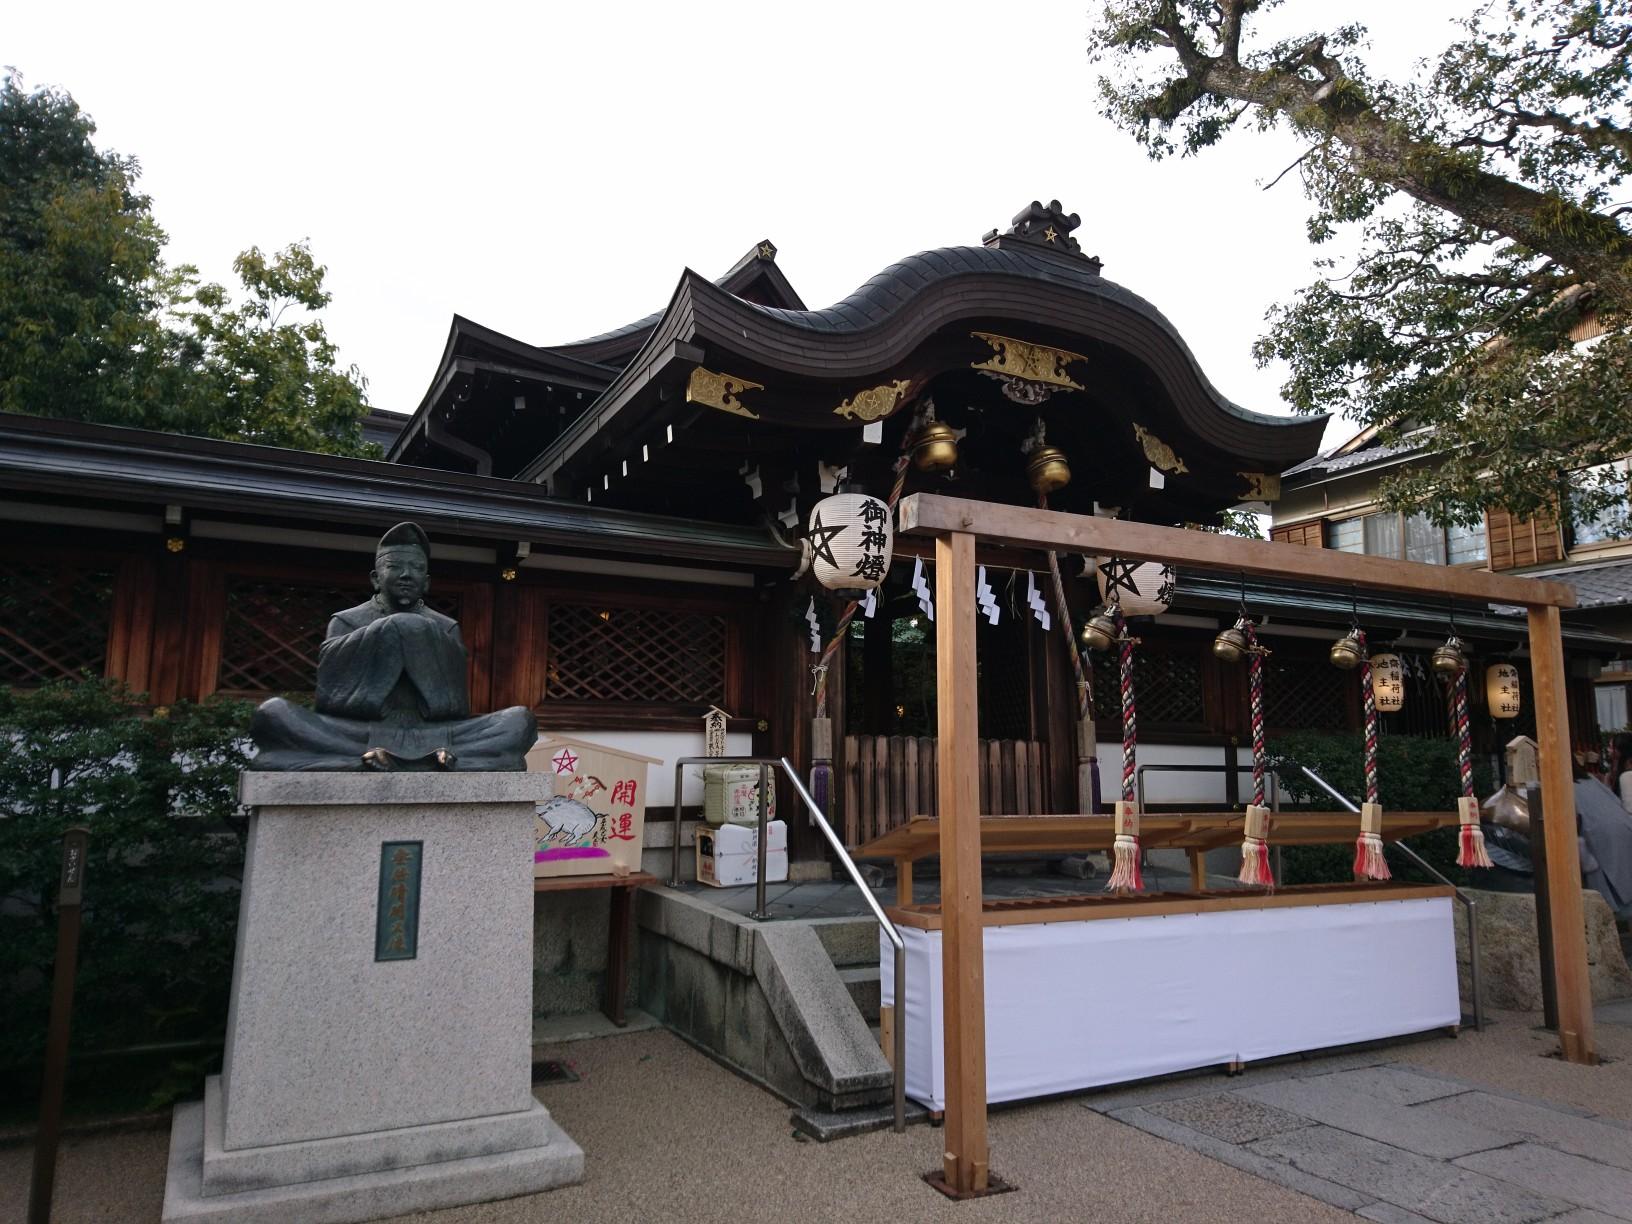 ≪関西・京都≫2019年厄除け・開運巡り☆晴明神社_1